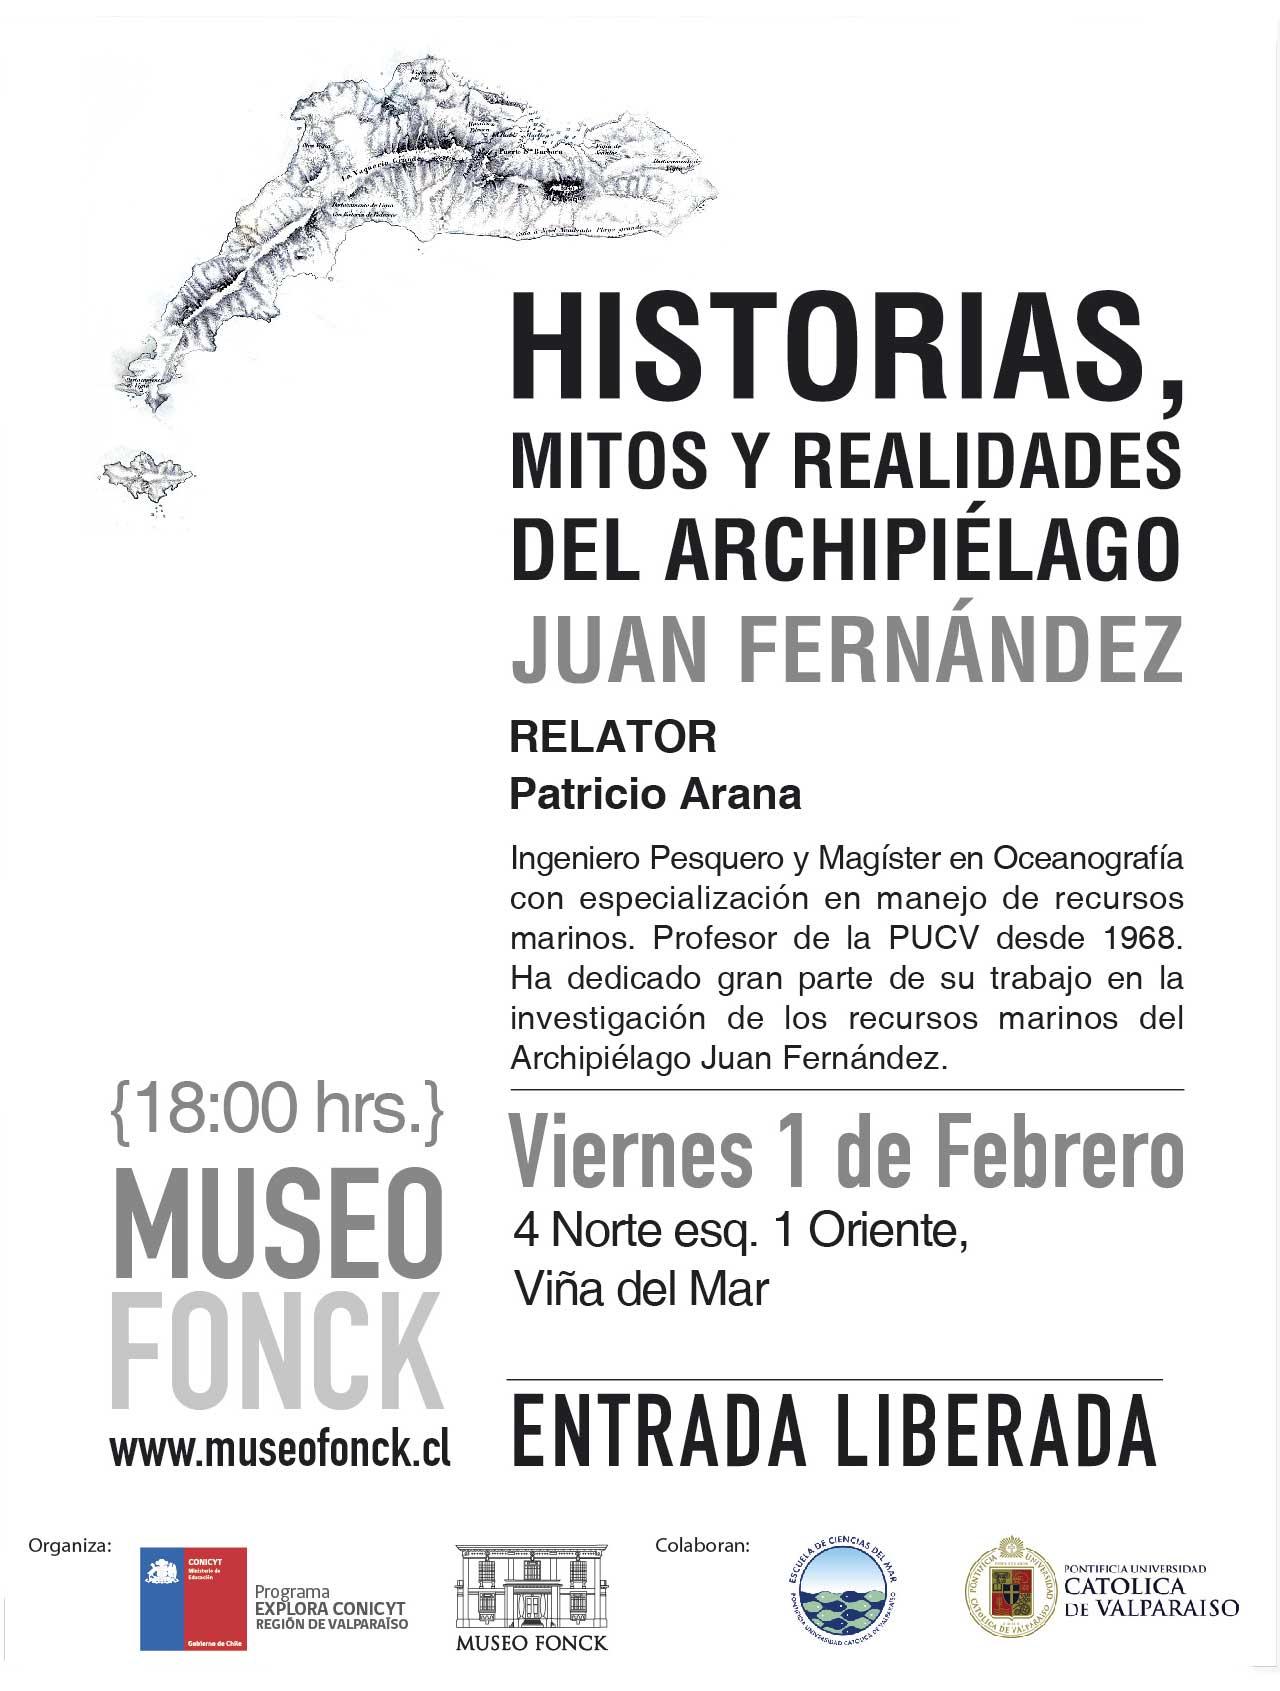 01-02-13 Historias de Juan Fernandez